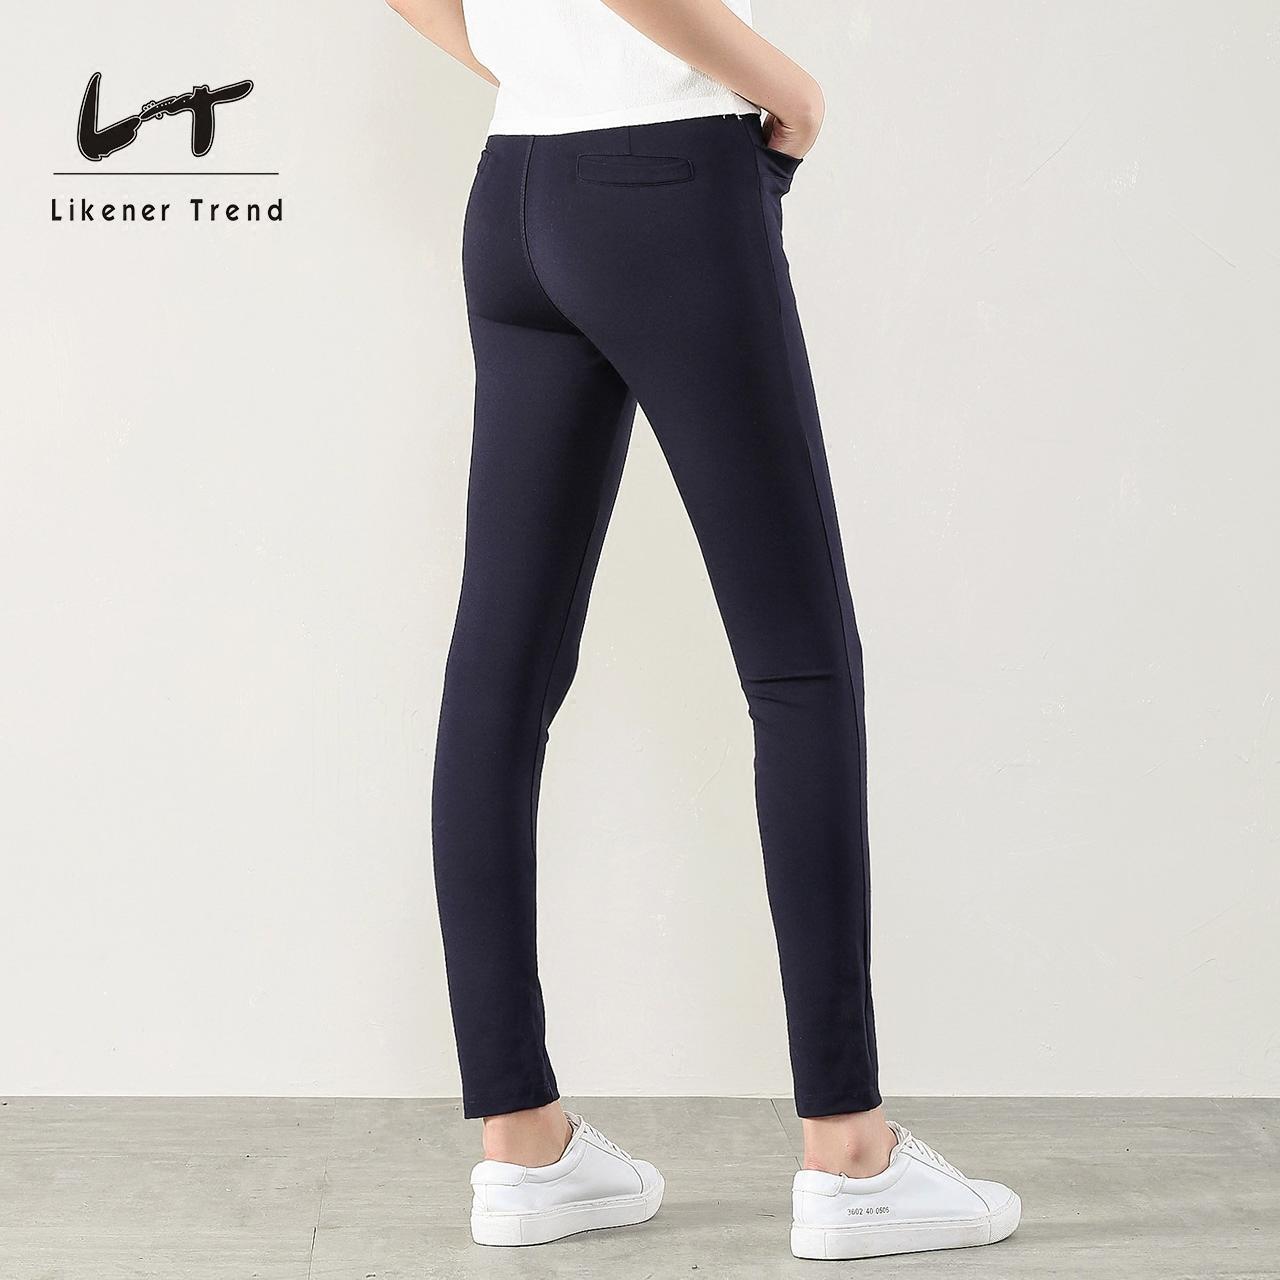 LT女裤松紧腰长裤弹力小脚裤修身显瘦高腰休闲铅笔裤打底裤女外穿